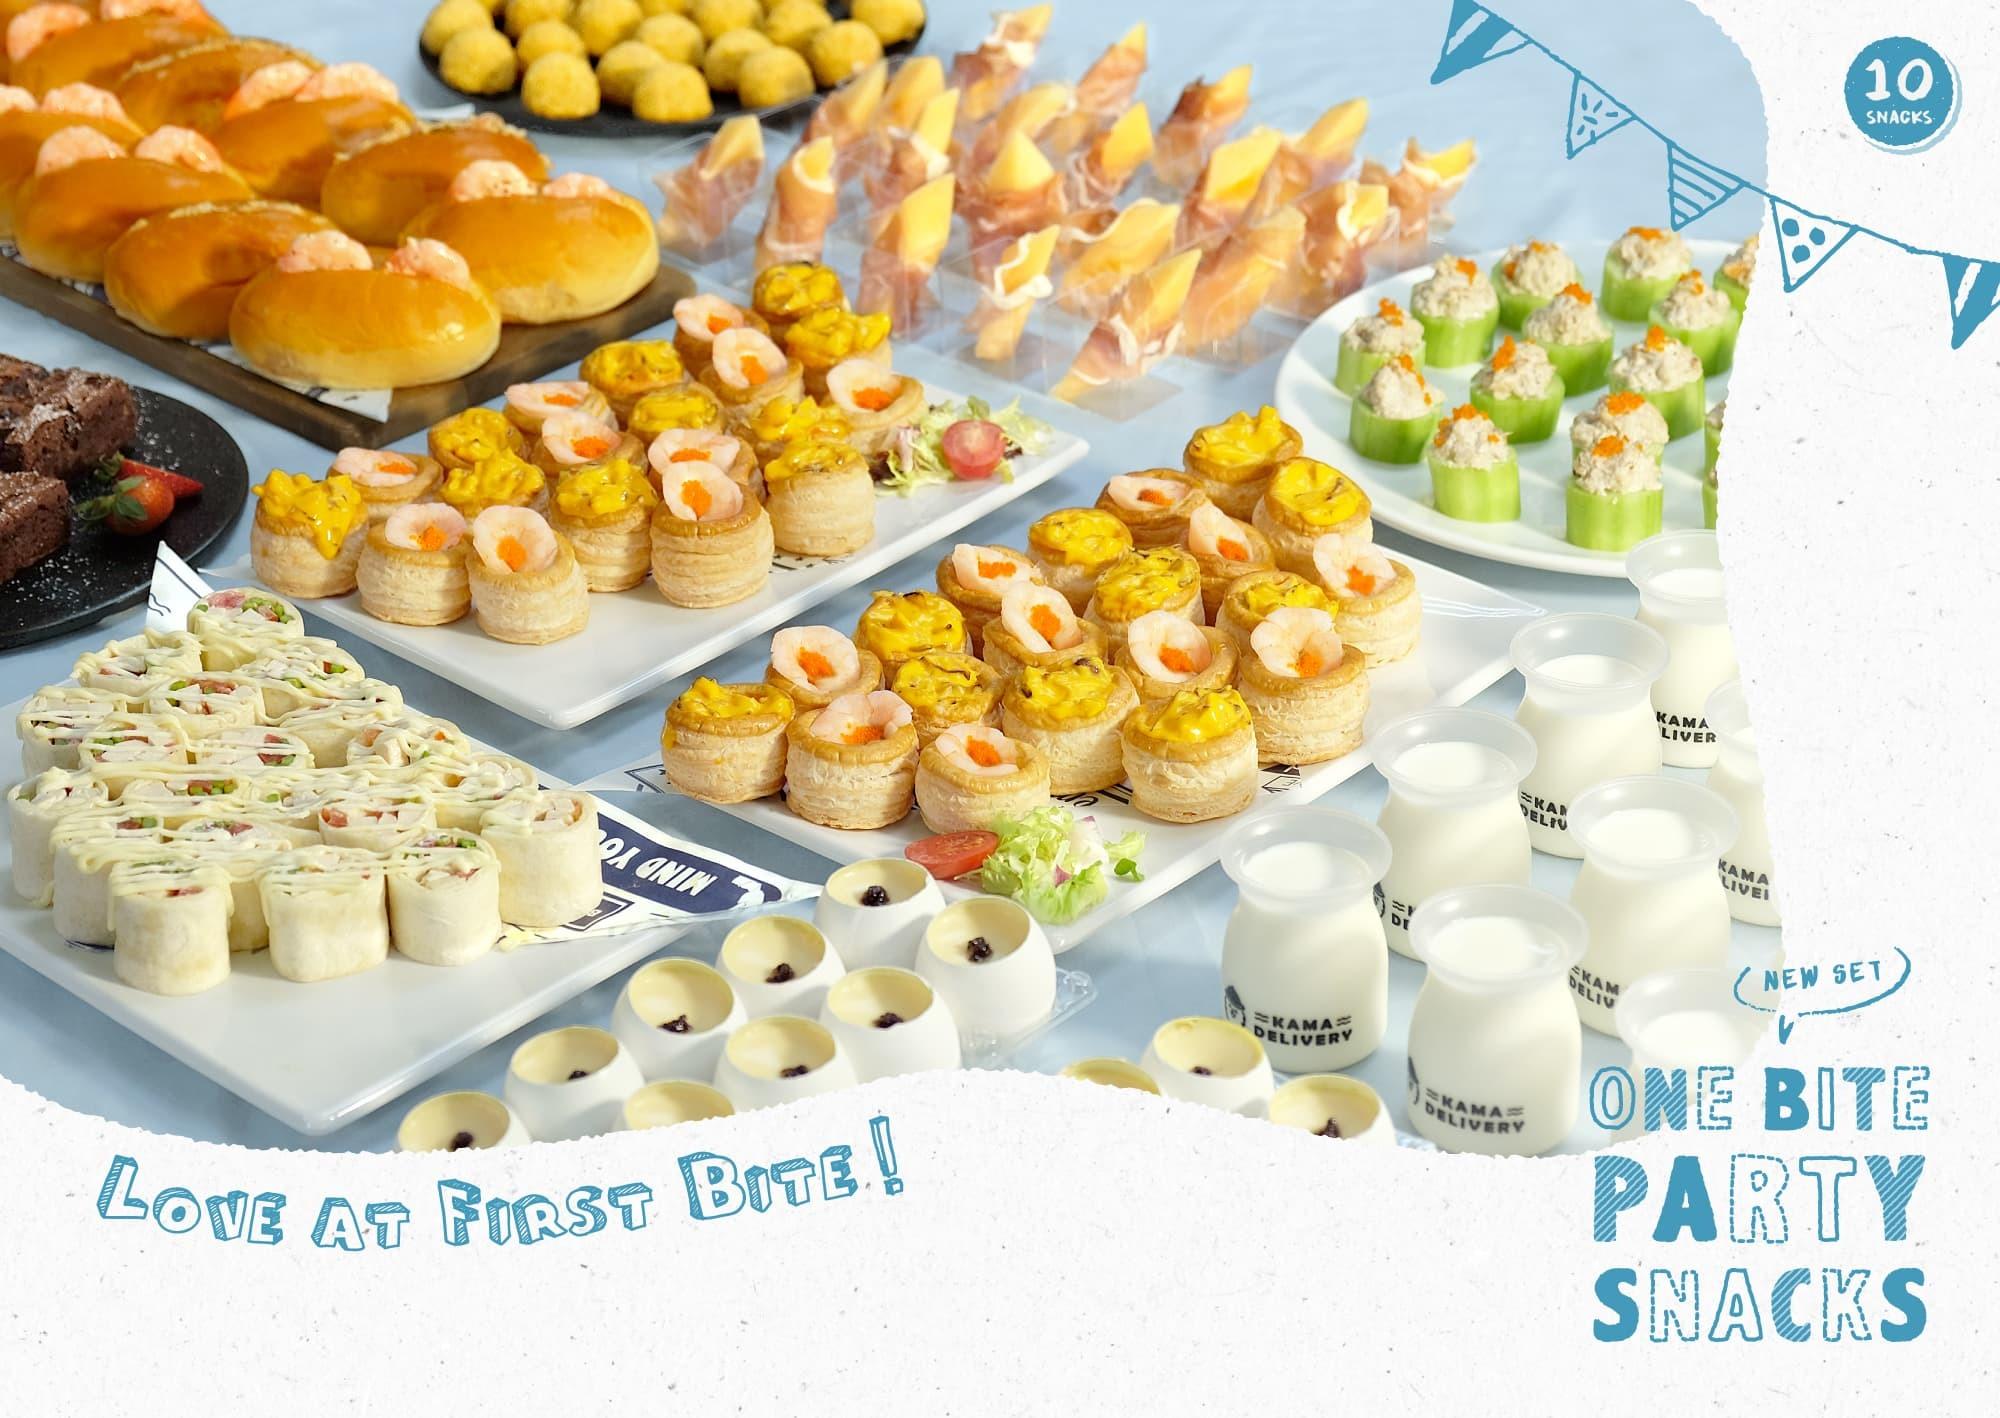 59人外賣套餐訂購|Kama Delivery炮製的一口派對小食Set適合在私人婚宴酒會、百日宴、座談會、店舖開張、演講會、企業簡介會、公司講座、辦公室會議、慶功宴等場合享用。